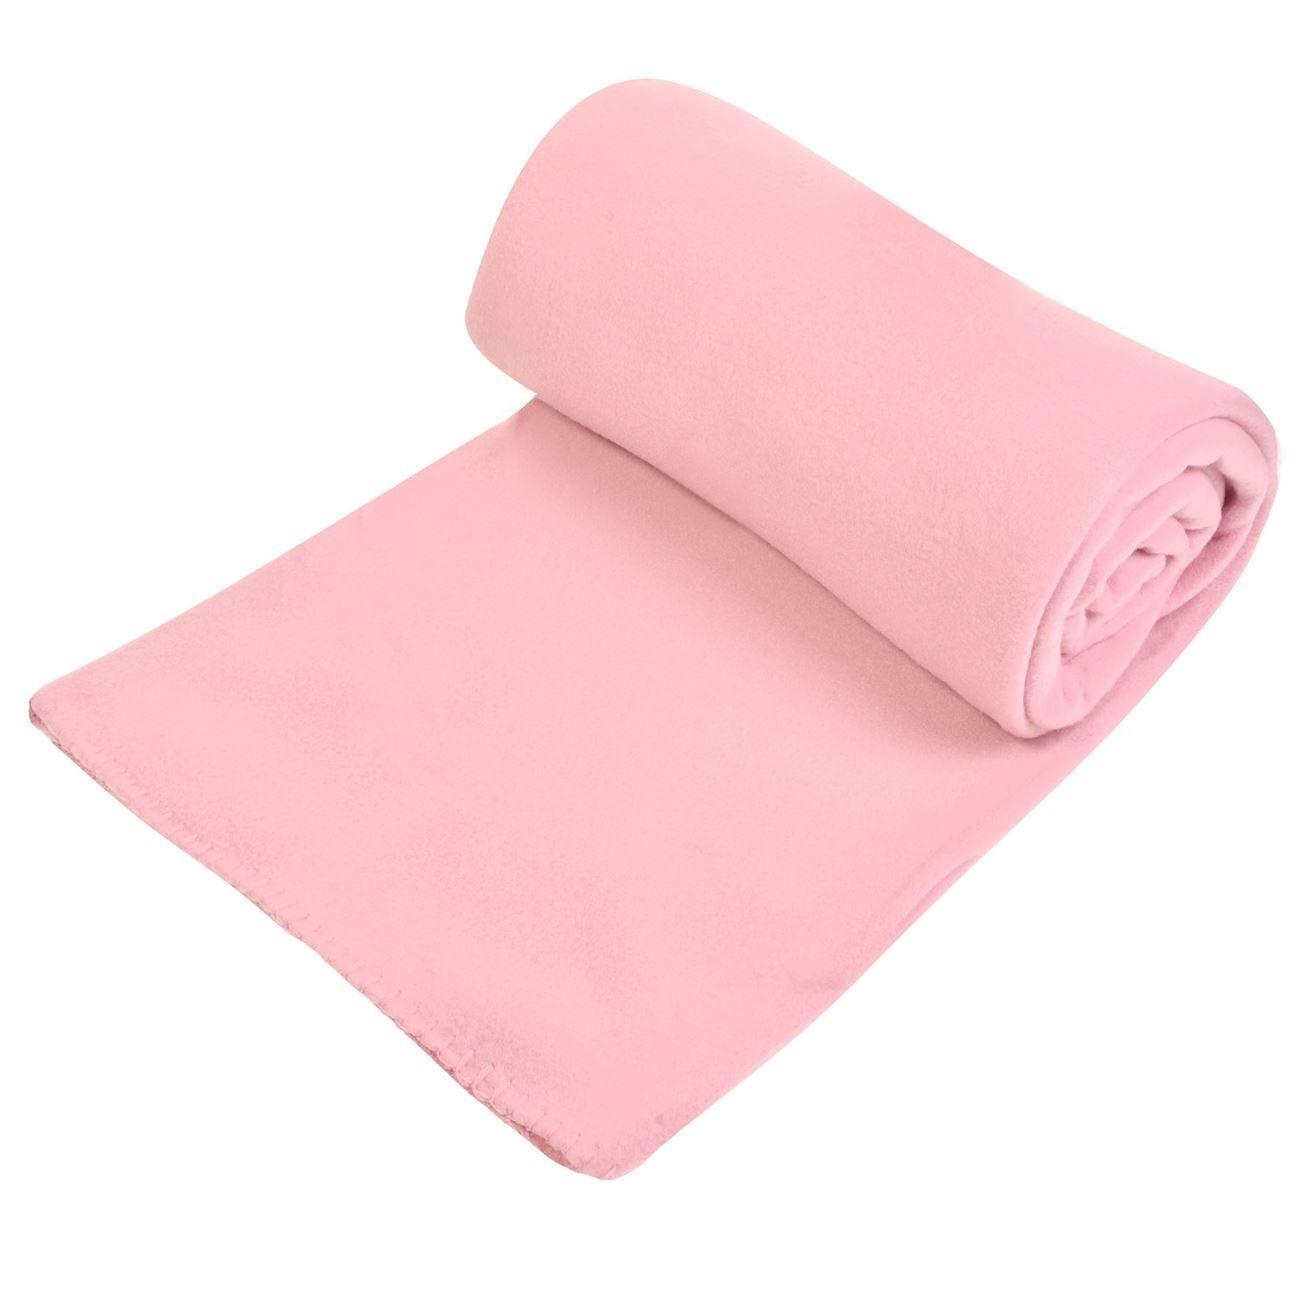 Κουβέρτες   Υφασμα Διακόσμησης Σπιτιού  4b0c2cf533a